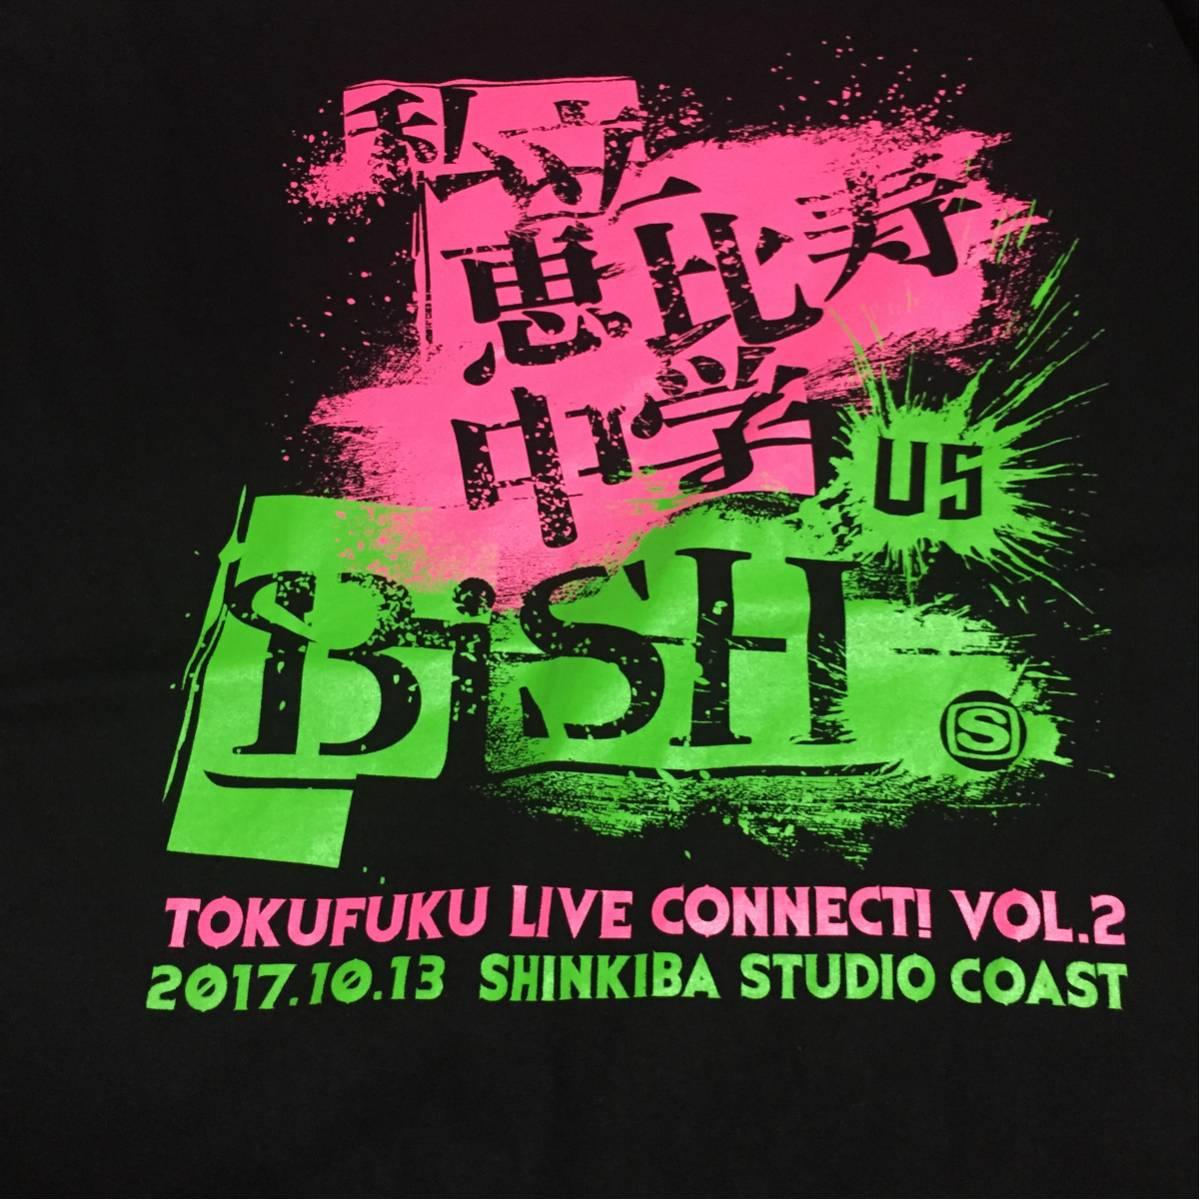 会場限定350枚 私立恵比寿中学 vs BiSH TOKUFUKU LIVE Connect! vol.2 新品未開封 XL ライブグッズの画像